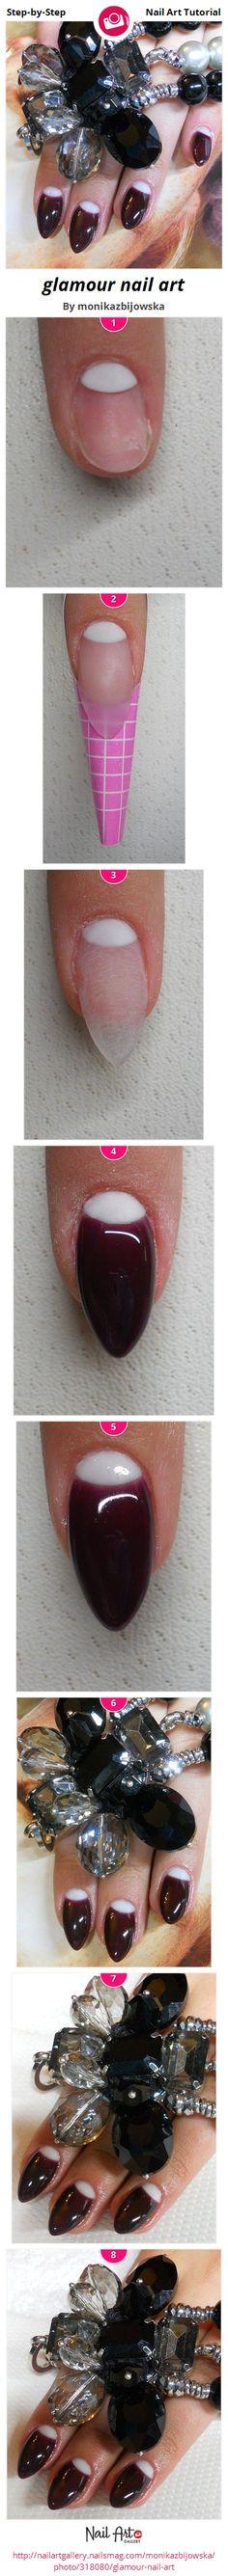 glamour nail art by monikazbijowska - Nail Art Gallery Step-by-Step Tutorials nailartgallery.nailsmag.com by Nails Magazine www.nailsmag.com #nailart